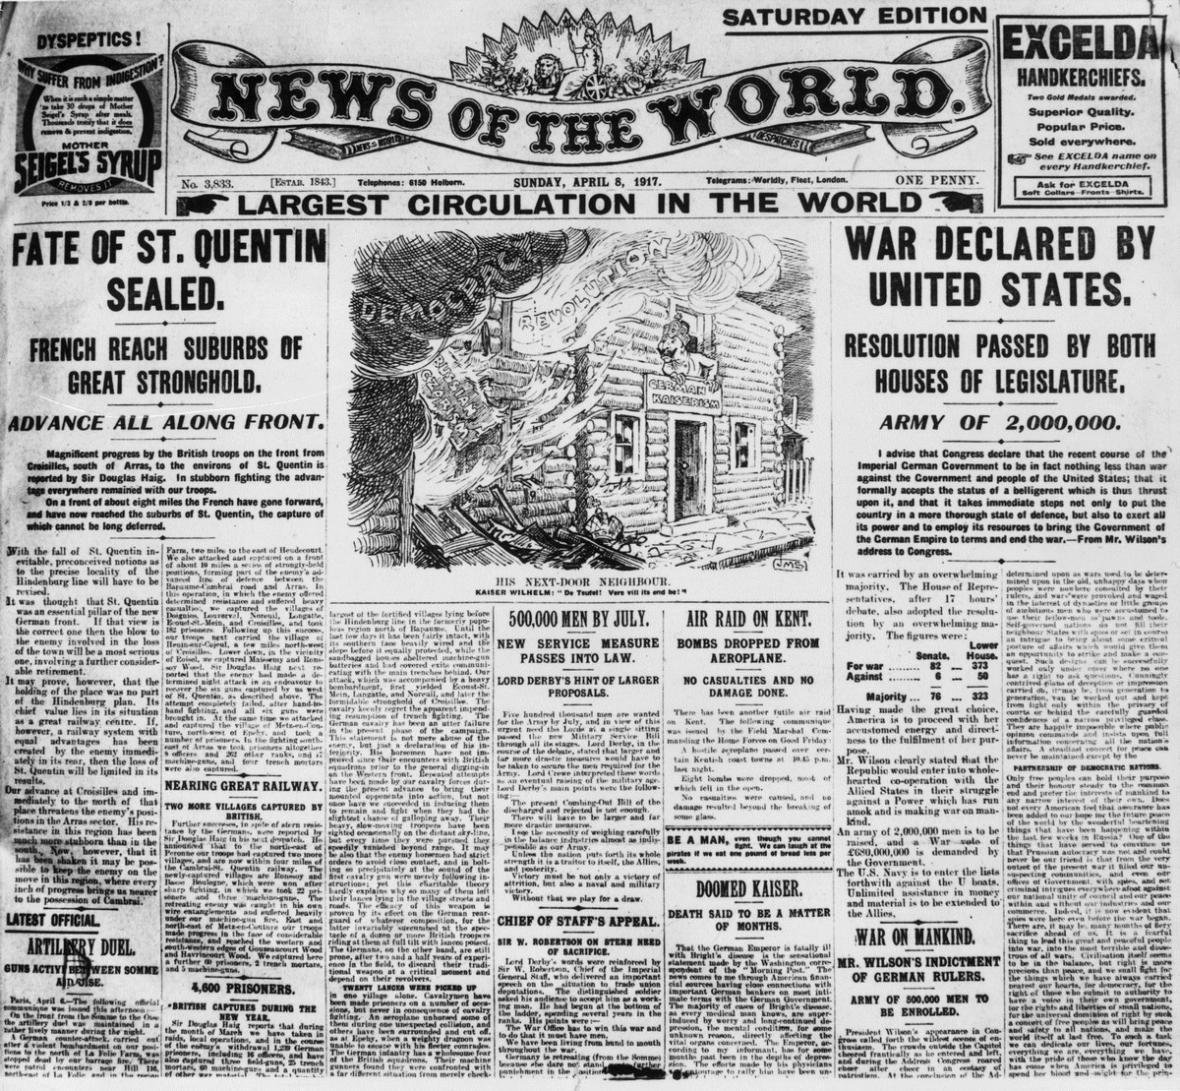 Vydání News of the World z roku 1917